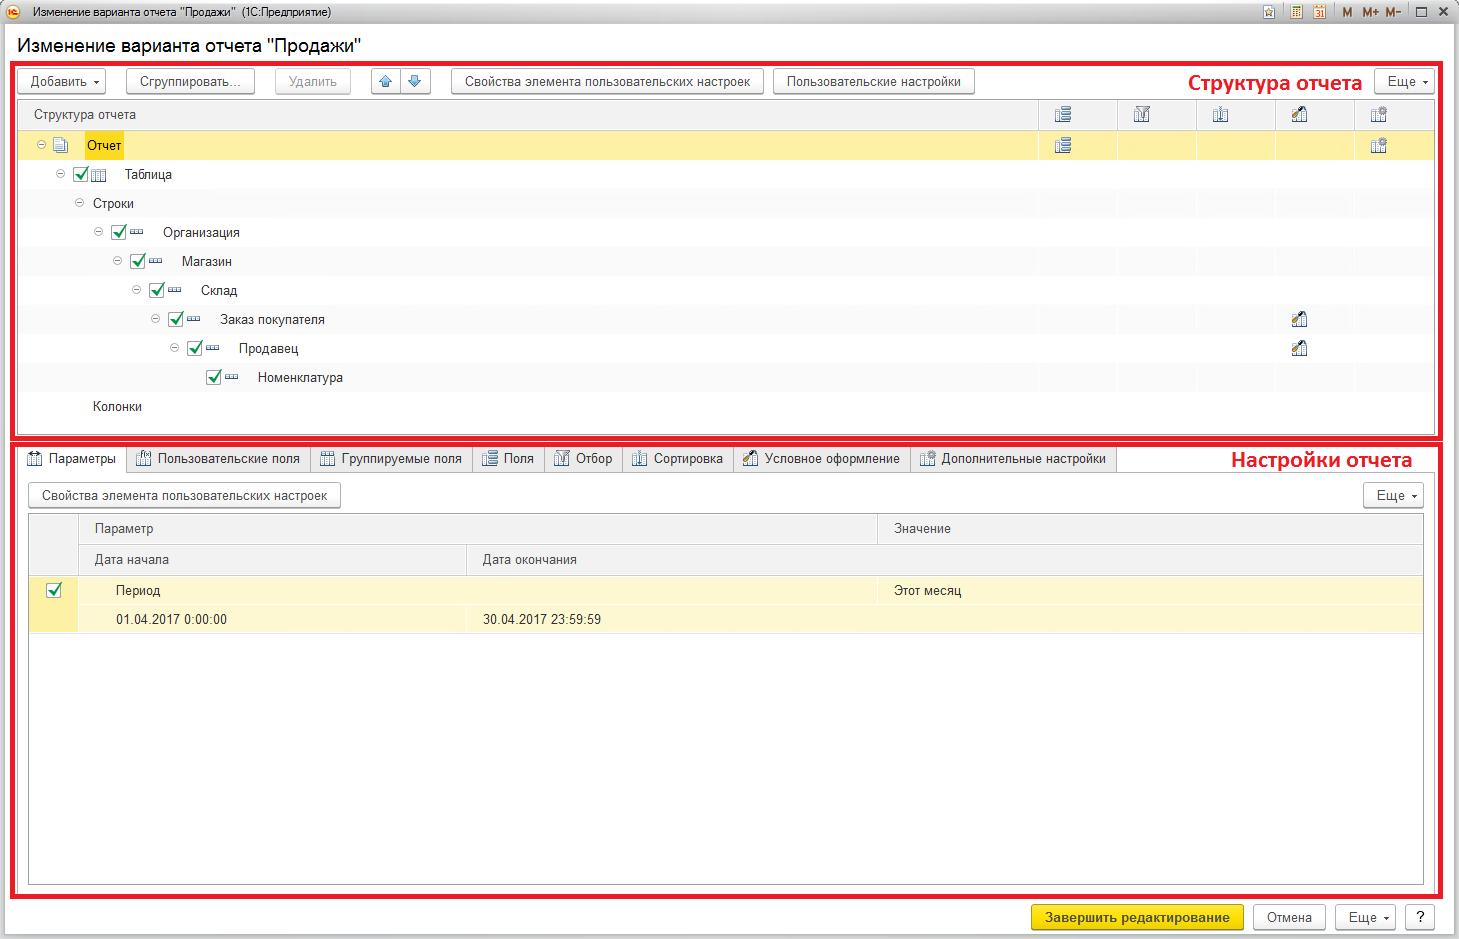 Инструкция по настройке отчетов 1с что такое шаблон обновления 1с